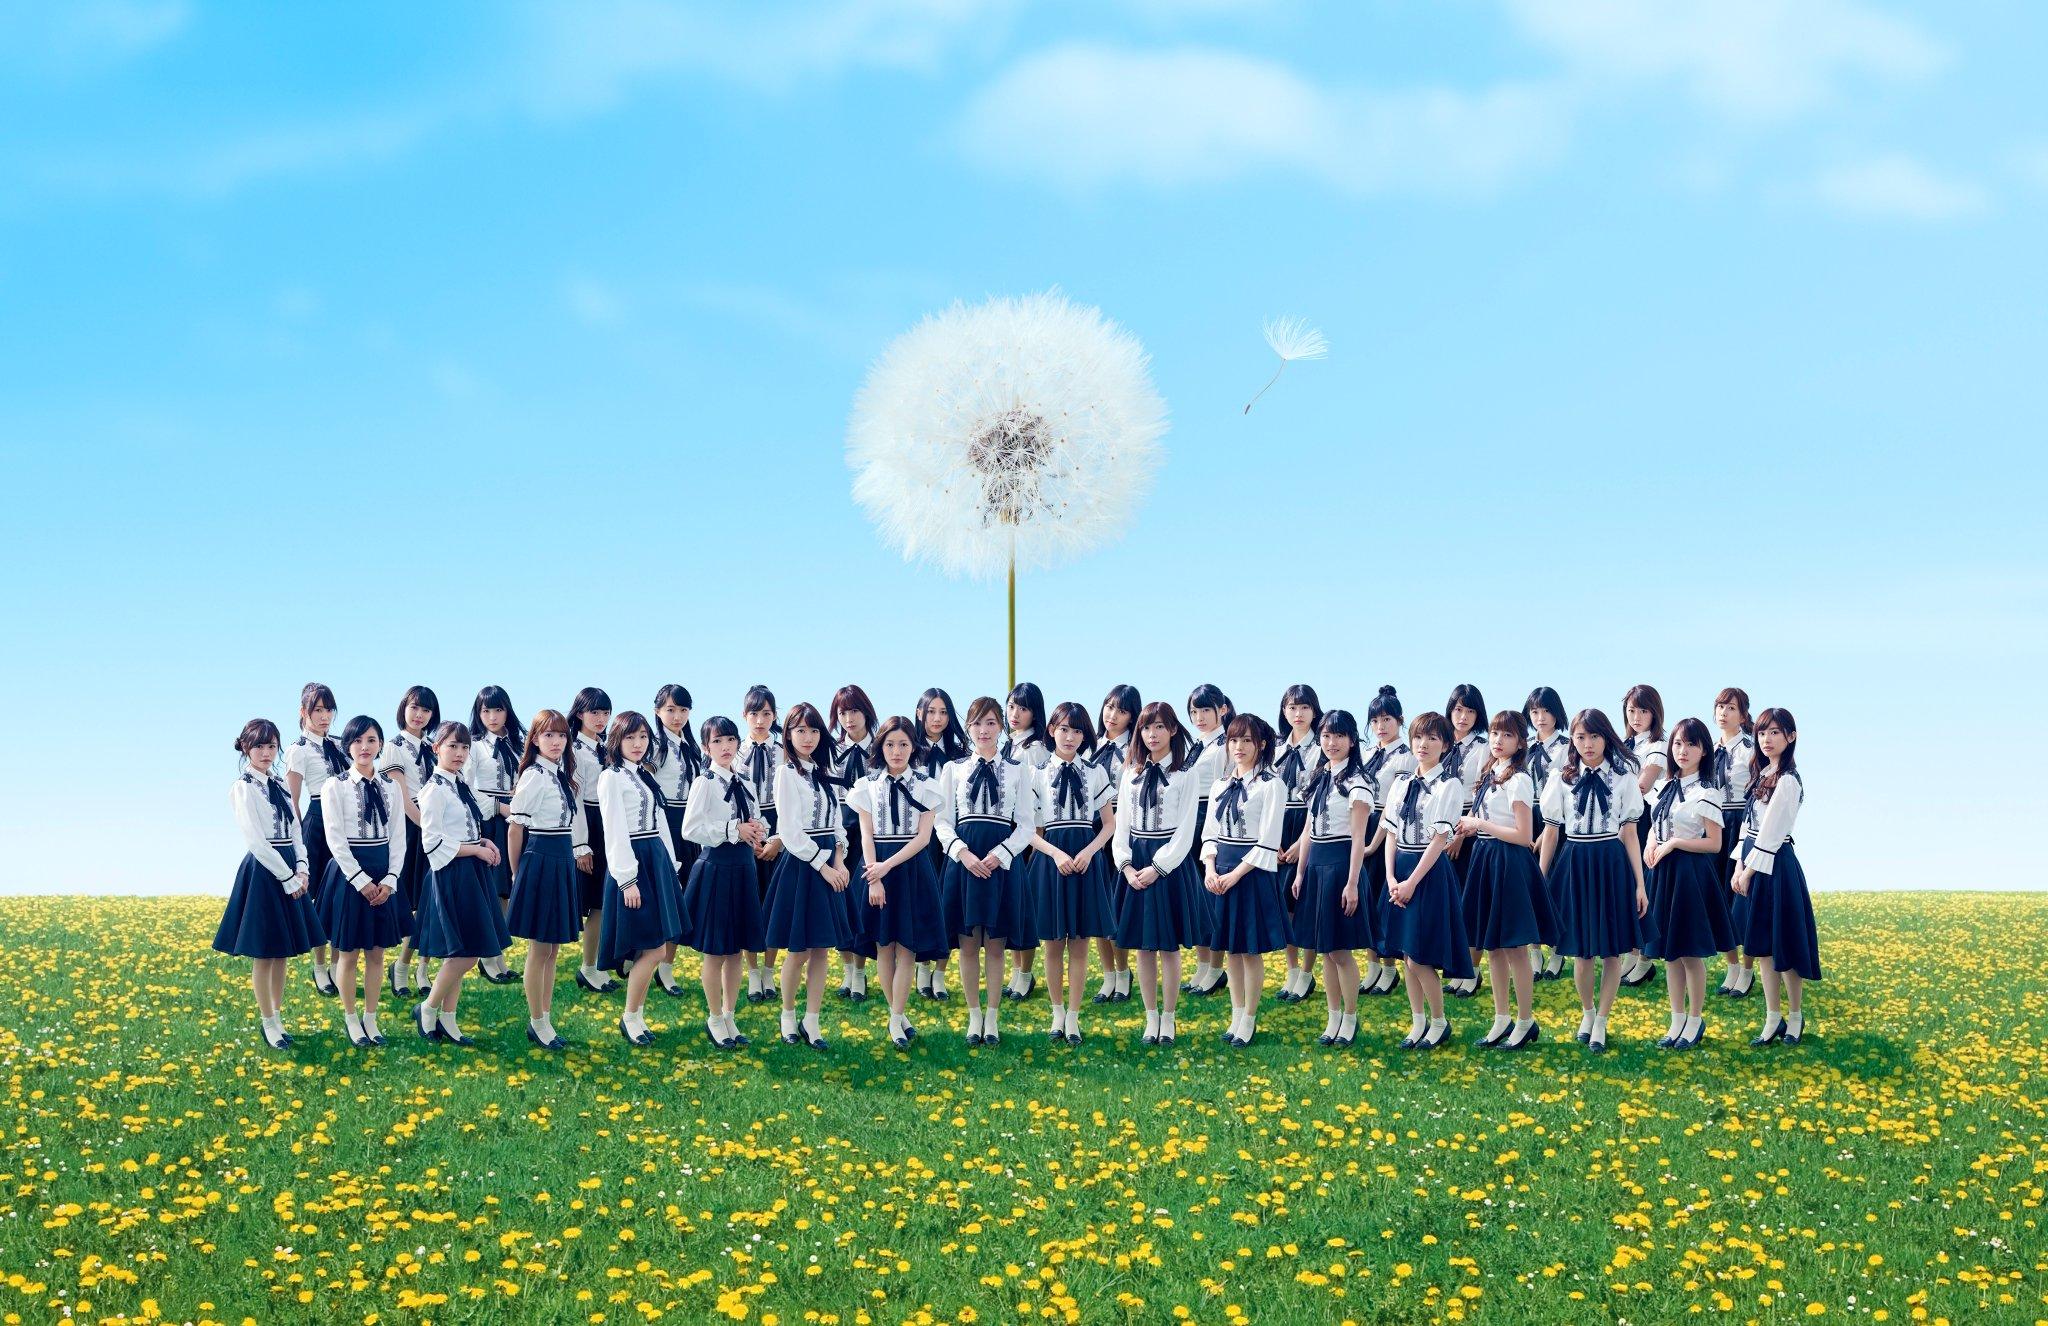 AKB48 Promo